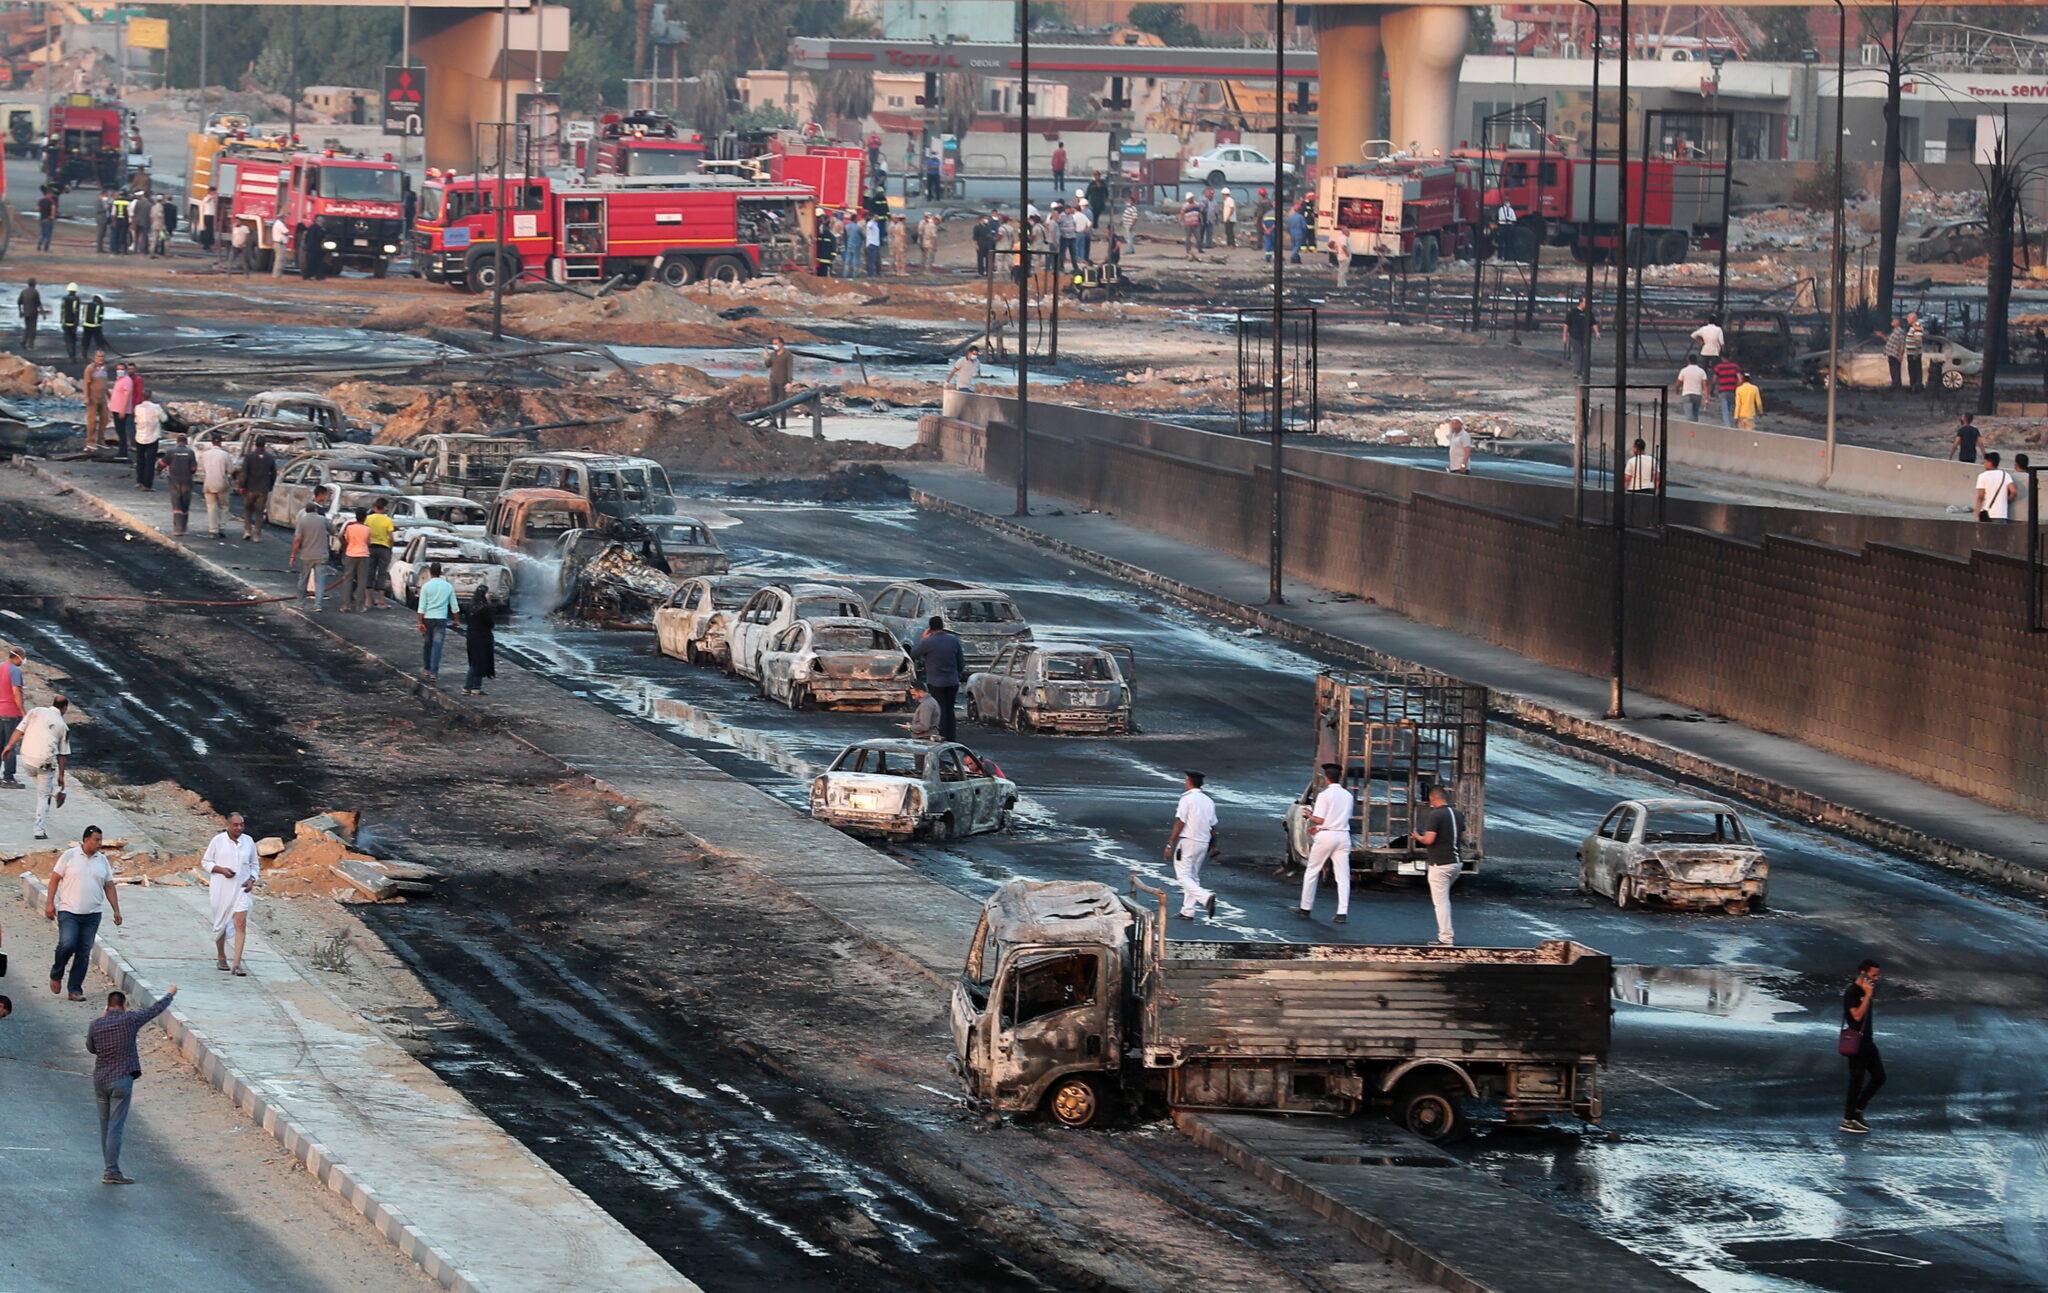 Egipt: pożar na drodze w Kairze strawił wiele aut i zranił kilkanaście osób. fot. EPA/KHALED ELFIQI